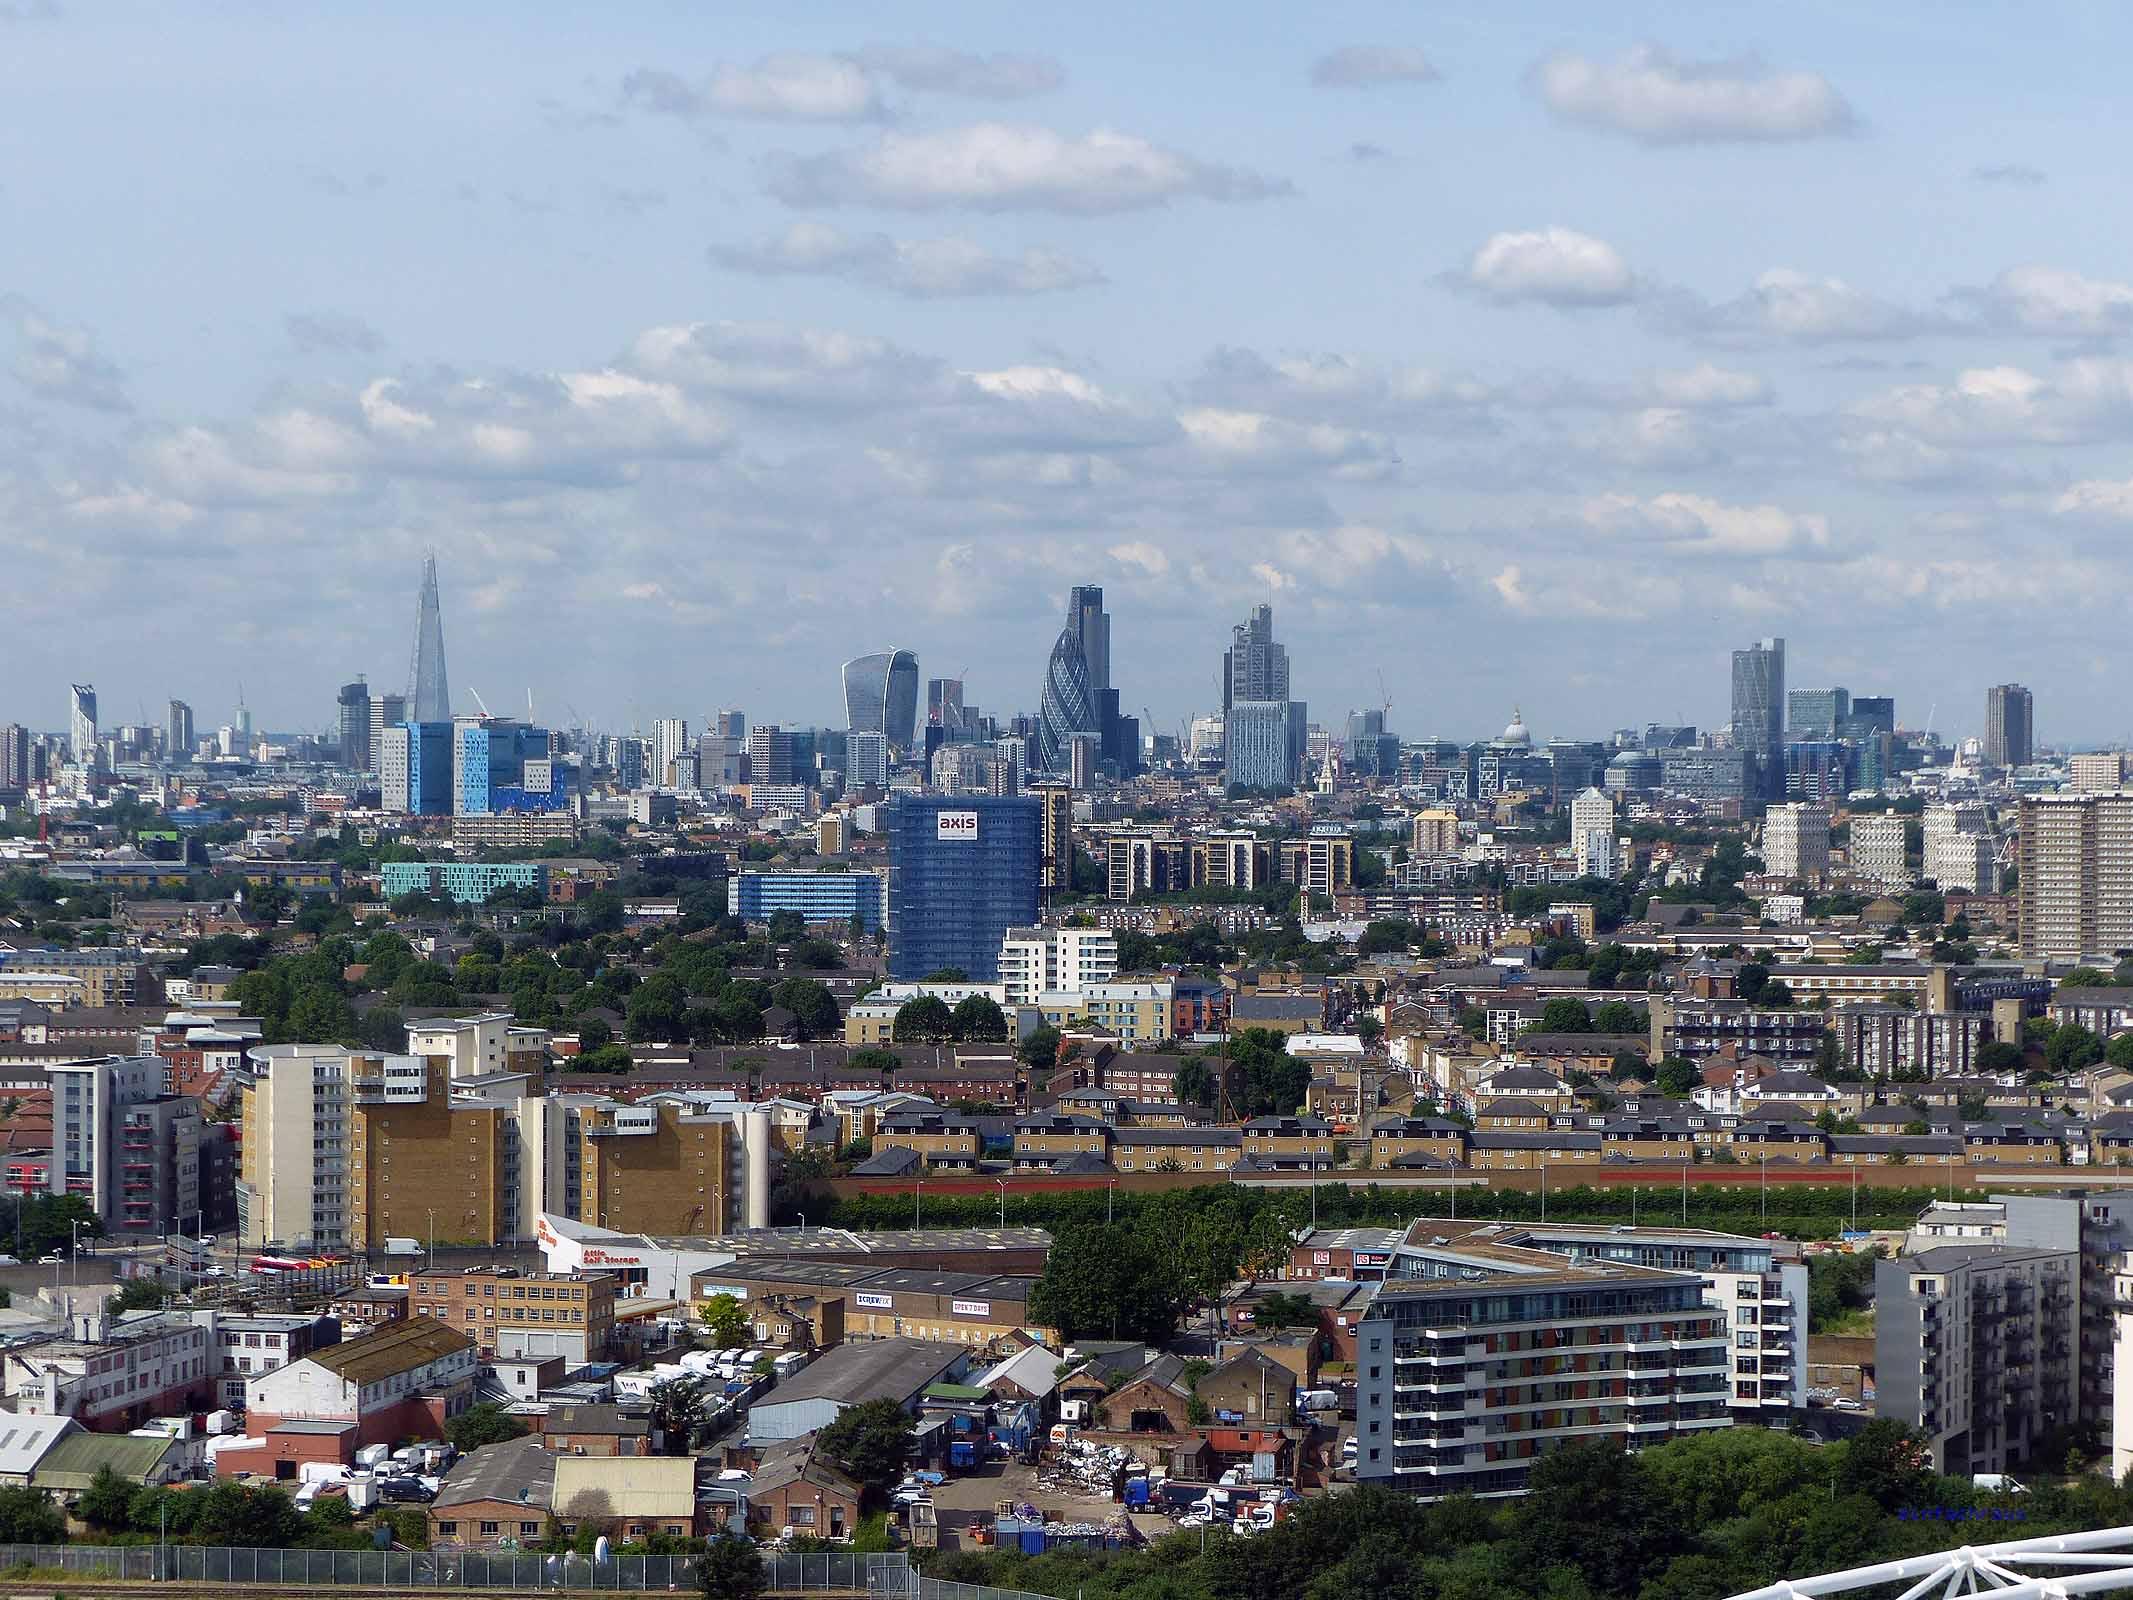 Vom Acelor Mittal Orbit hat man einen grandiosen Blick über London